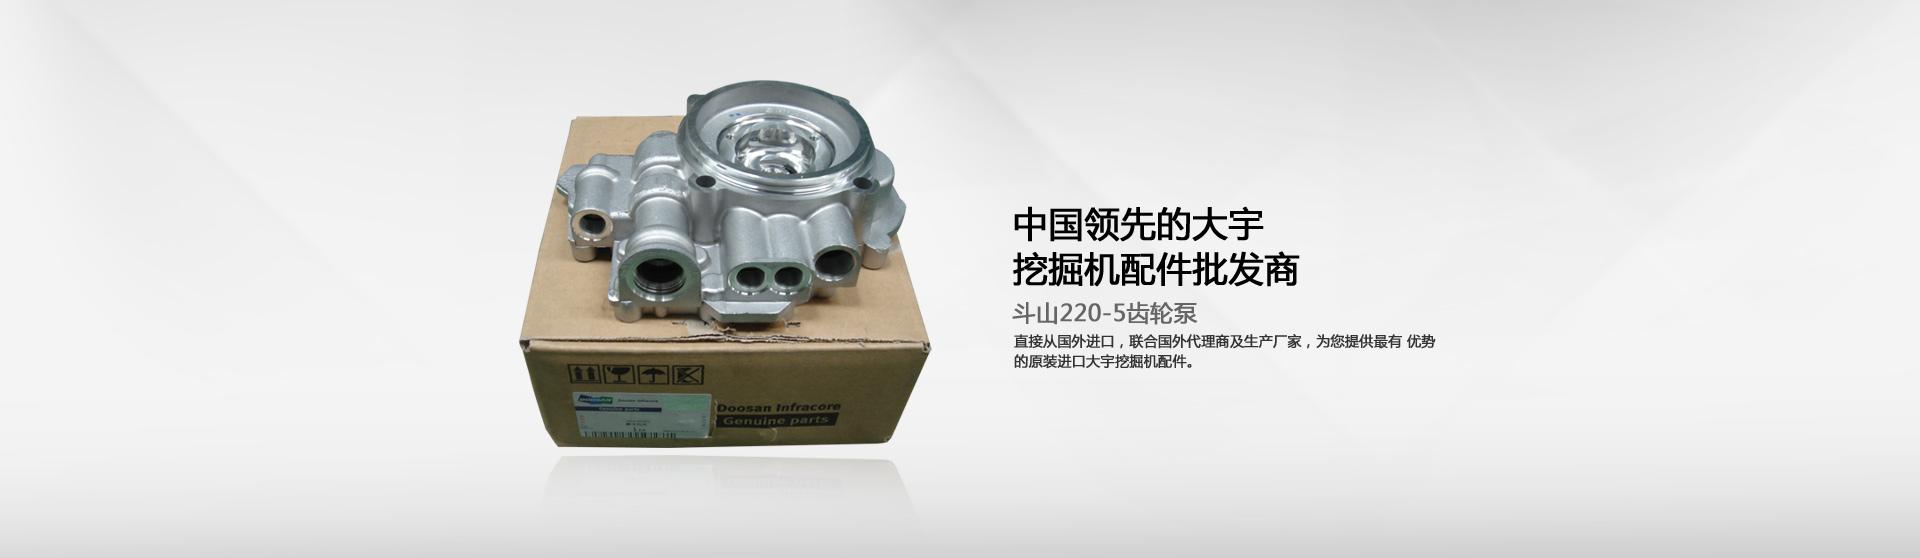 斗山220-5齿轮泵